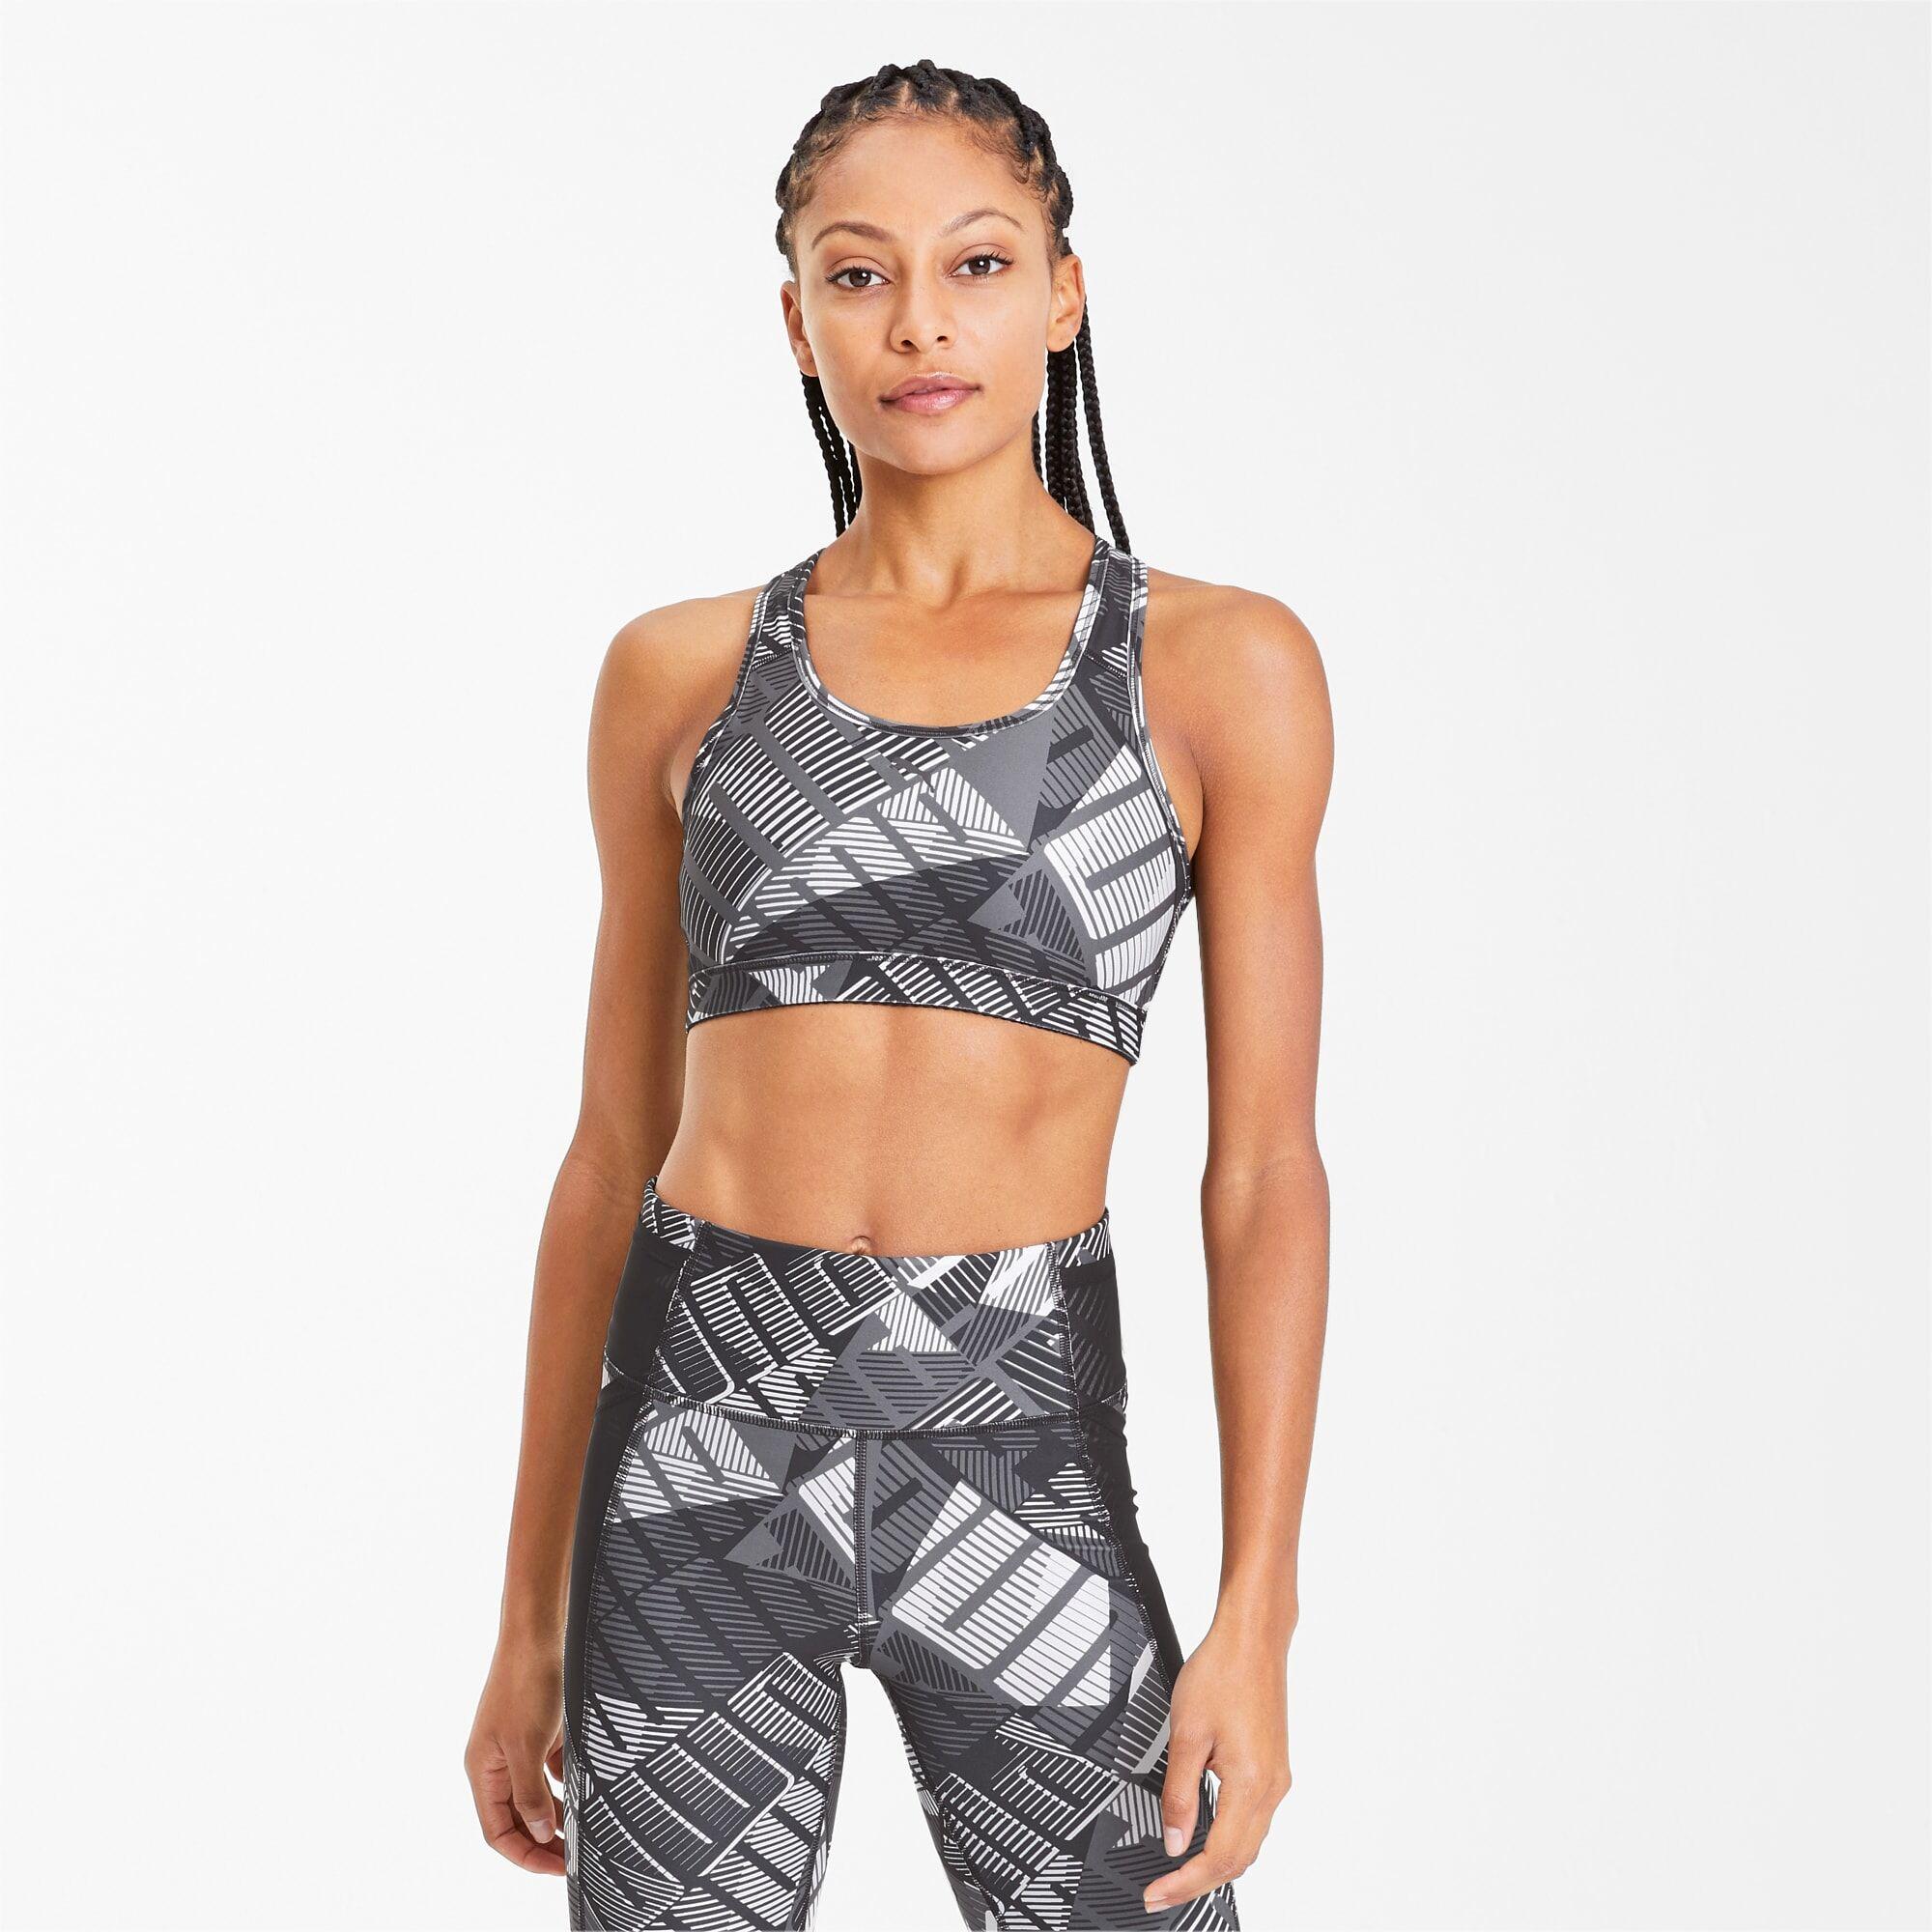 PUMA Soutien-gorge de sport 4Keeps Graphic, Noir/Blanc, Taille XL, Vêtements